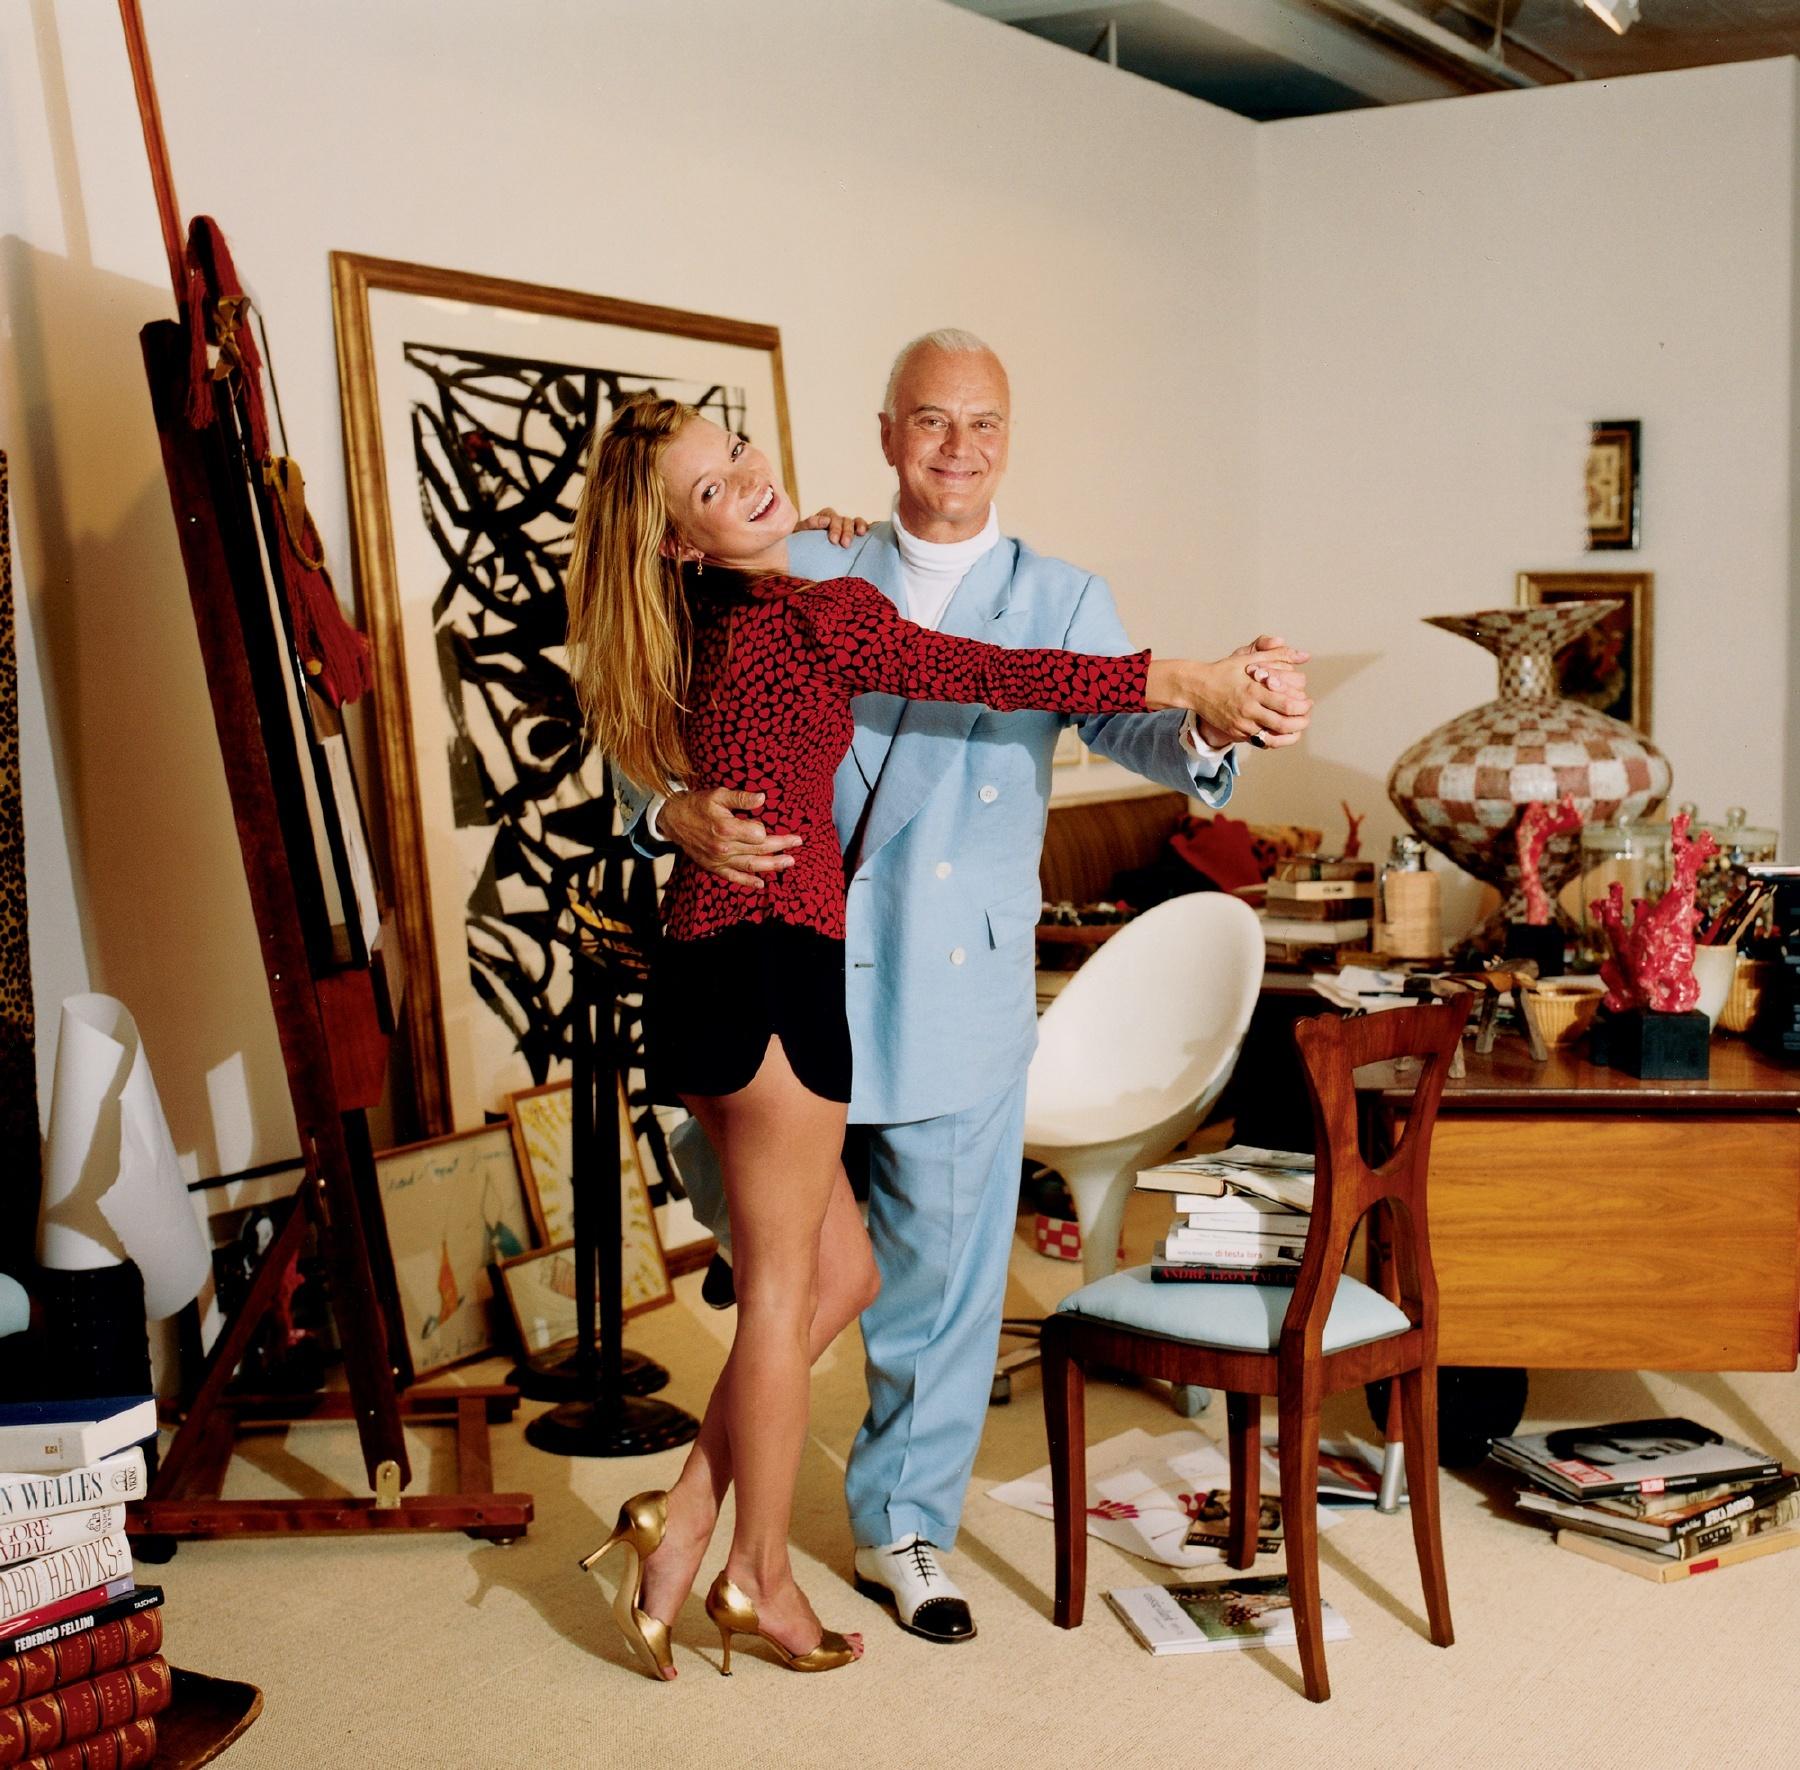 莫罗·伯拉尼克. 鞋的艺术